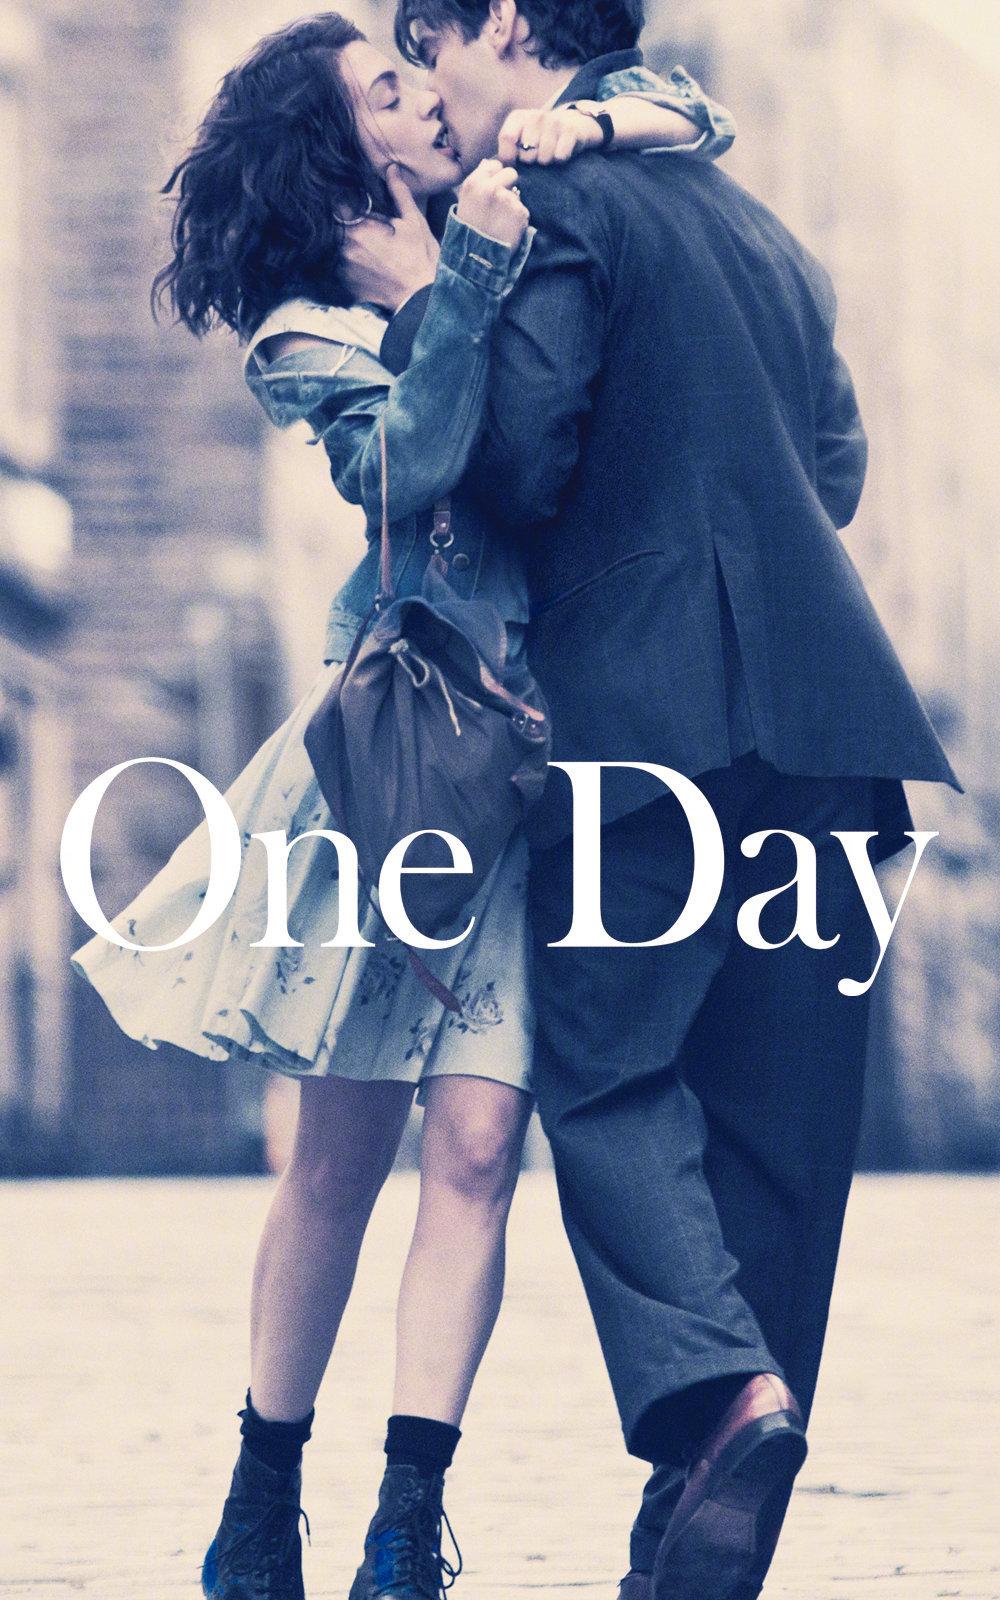 安妮·海瑟薇、吉姆·斯特吉斯主演《一天》,发布韩国版壁纸